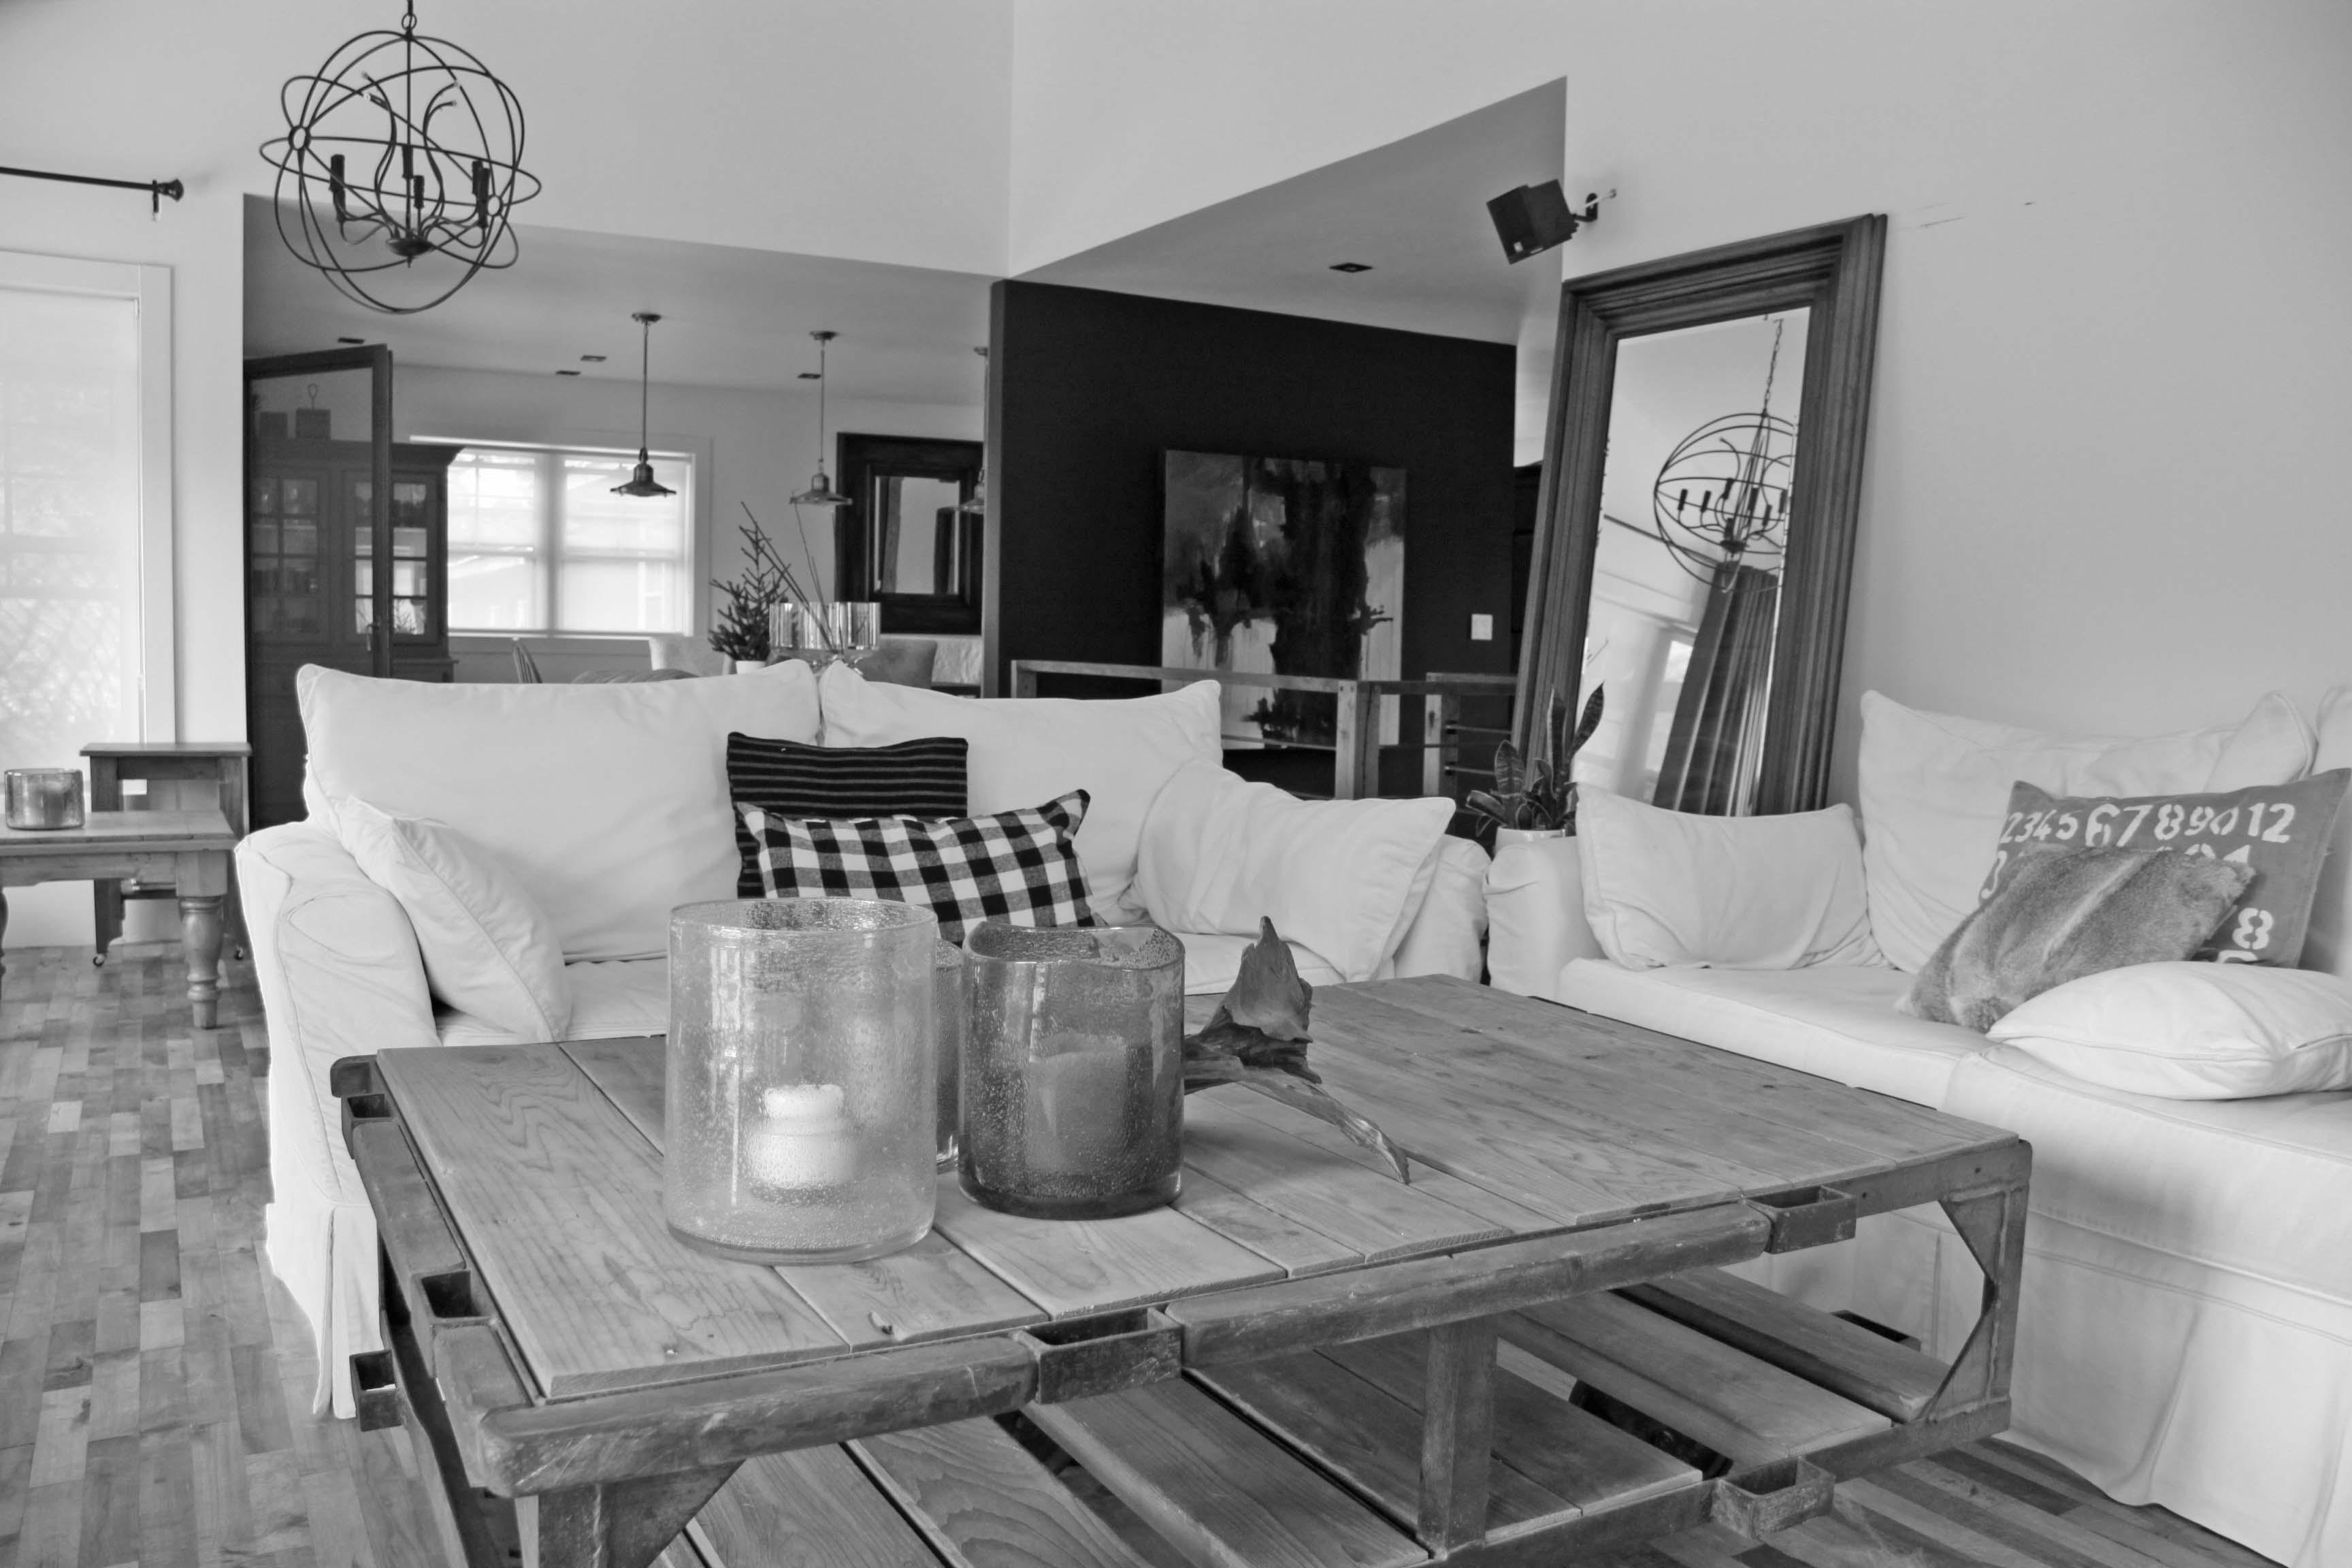 Design 02 meubles sur mesure meubles hochelaga for Meuble hochelaga montreal